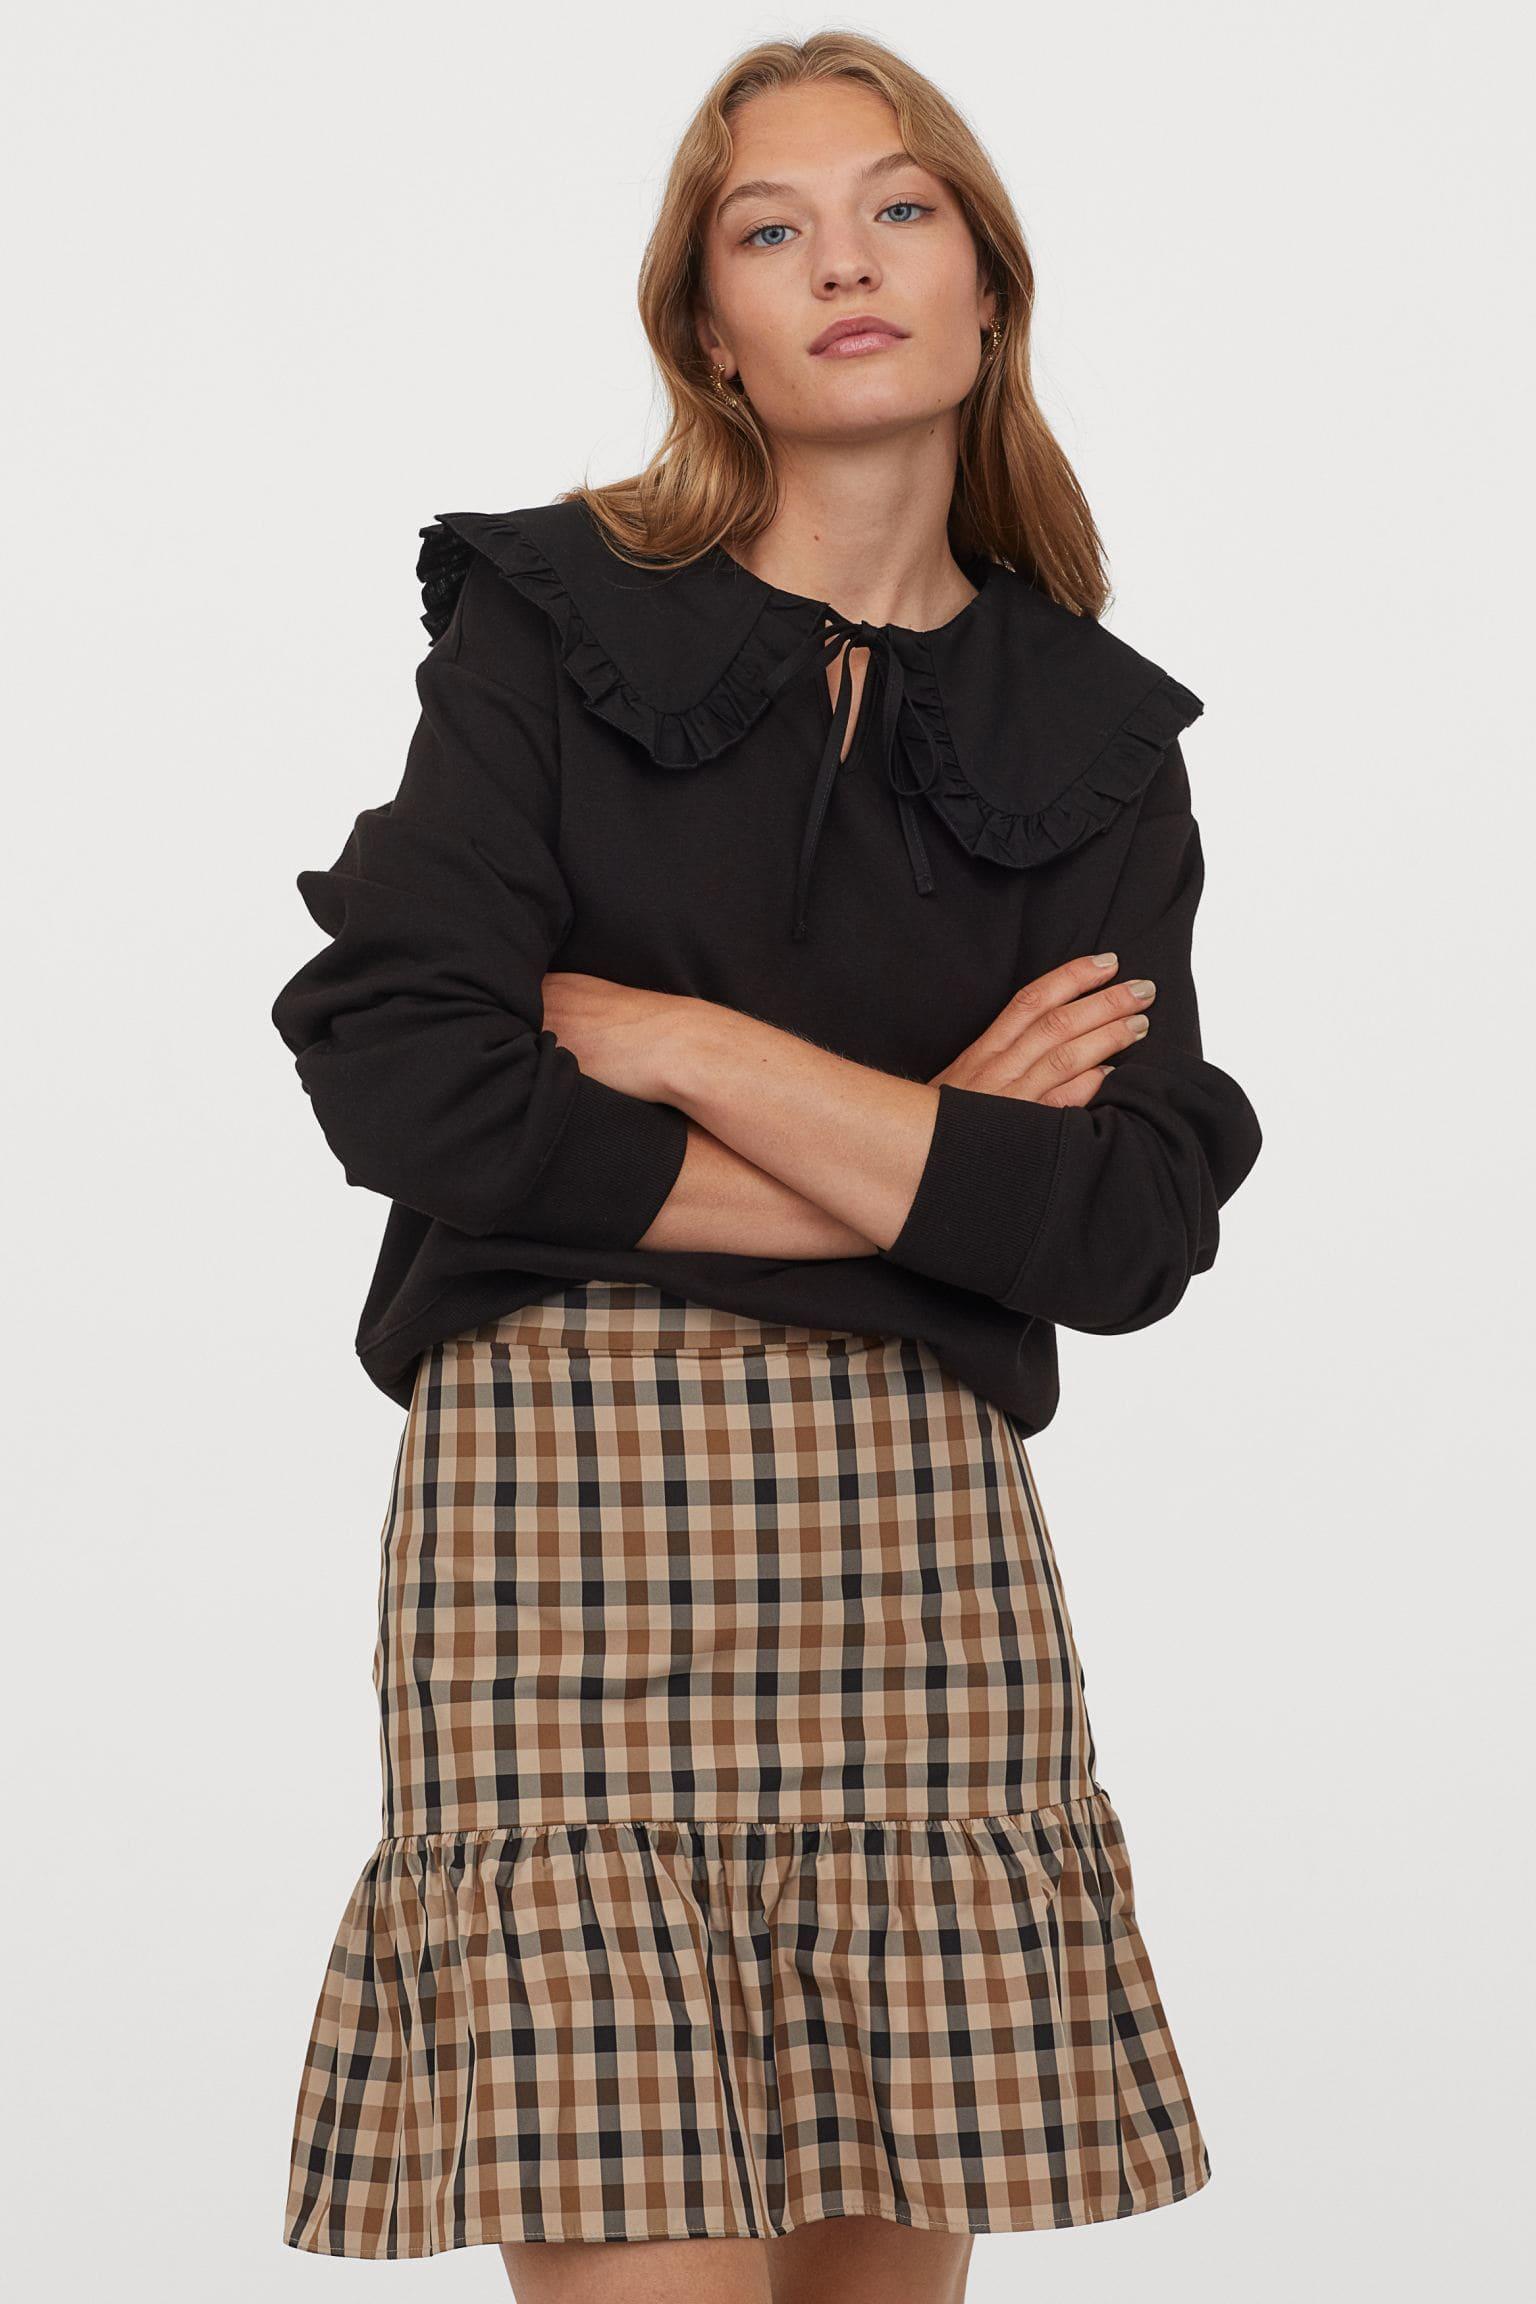 Rutig brun kjol för dam 2021